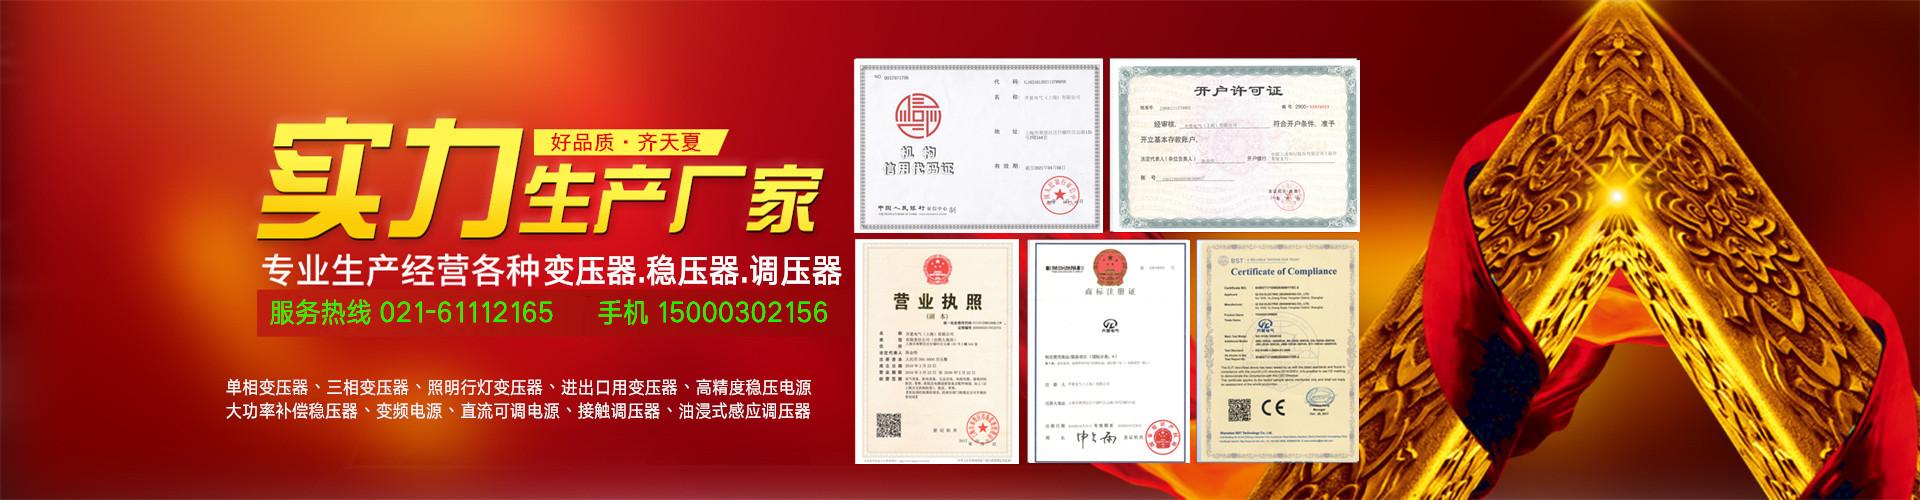 齐夏电气(上海)有限公司